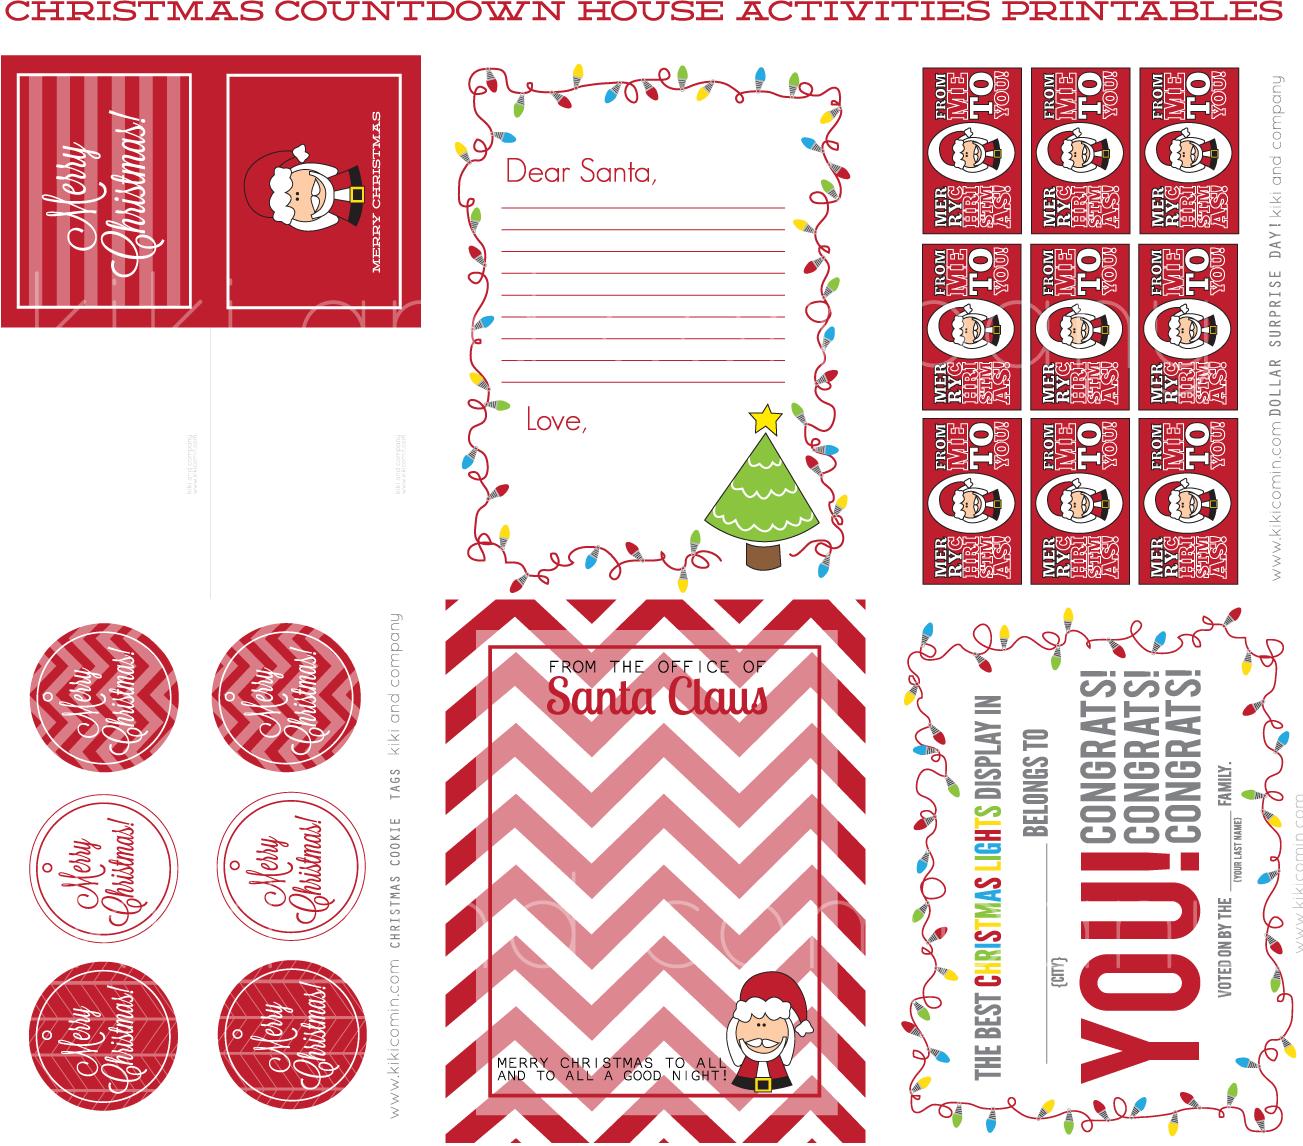 Christmas Countdown House {printables} - Kiki & Company